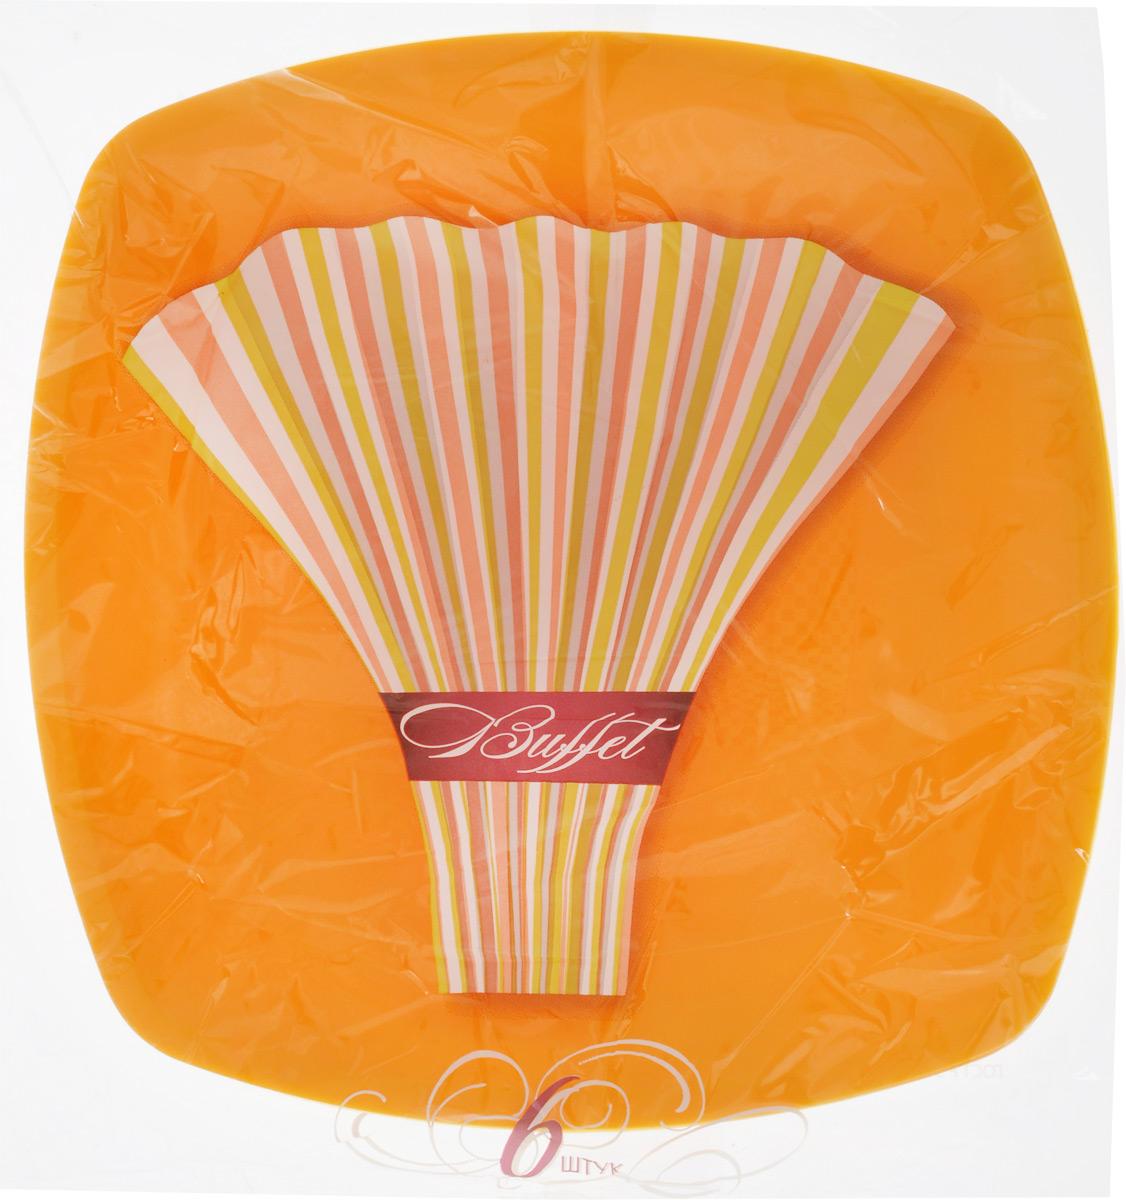 Набор одноразовых тарелок Buffet, цвет: желтый, 23 х 23 см, 6 шт183203_желтыйНабор Buffet состоит из 6 квадратных тарелок, выполненных из полипропилена и предназначенных для одноразового использования. Одноразовые тарелки будут незаменимы при поездках на природу, пикниках и других мероприятиях. Они не займут много места, легки и самое главное - после использования их не надо мыть.Размер тарелки (по верхнему краю): 23 х 23 см.Высота тарелки: 1,5 см.